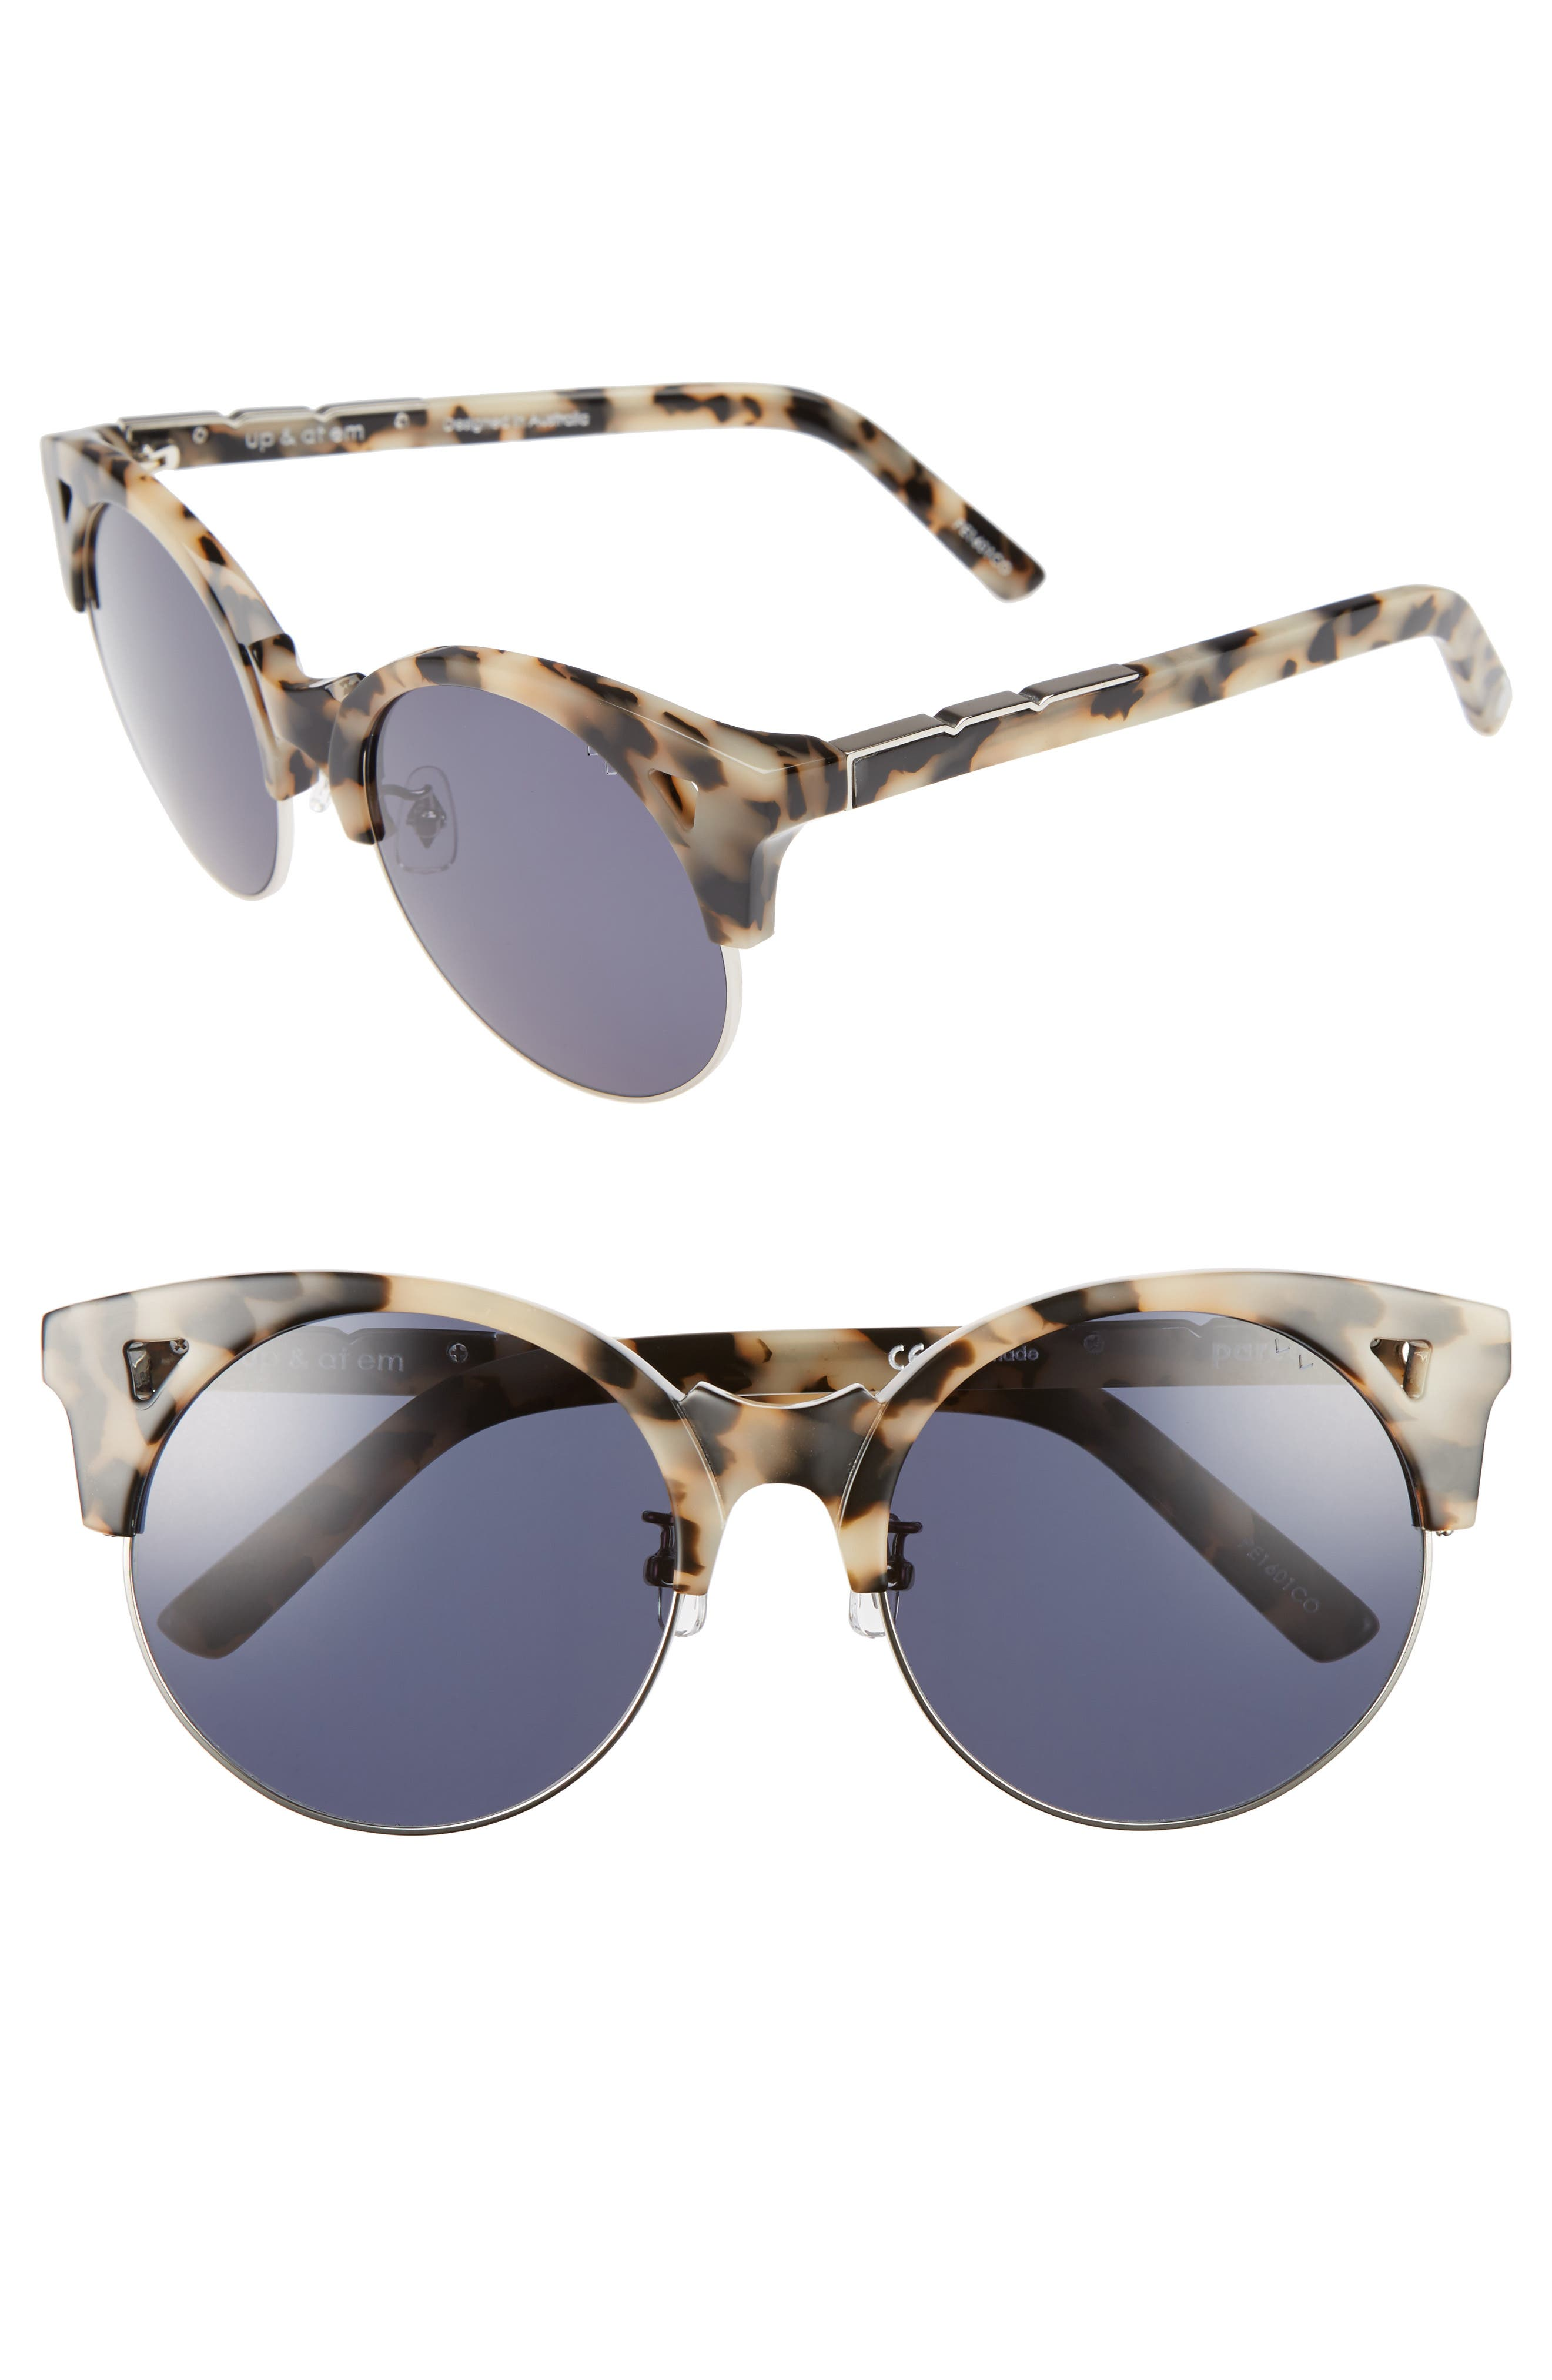 Pared Up & At Em 55mm Retro Sunglasses